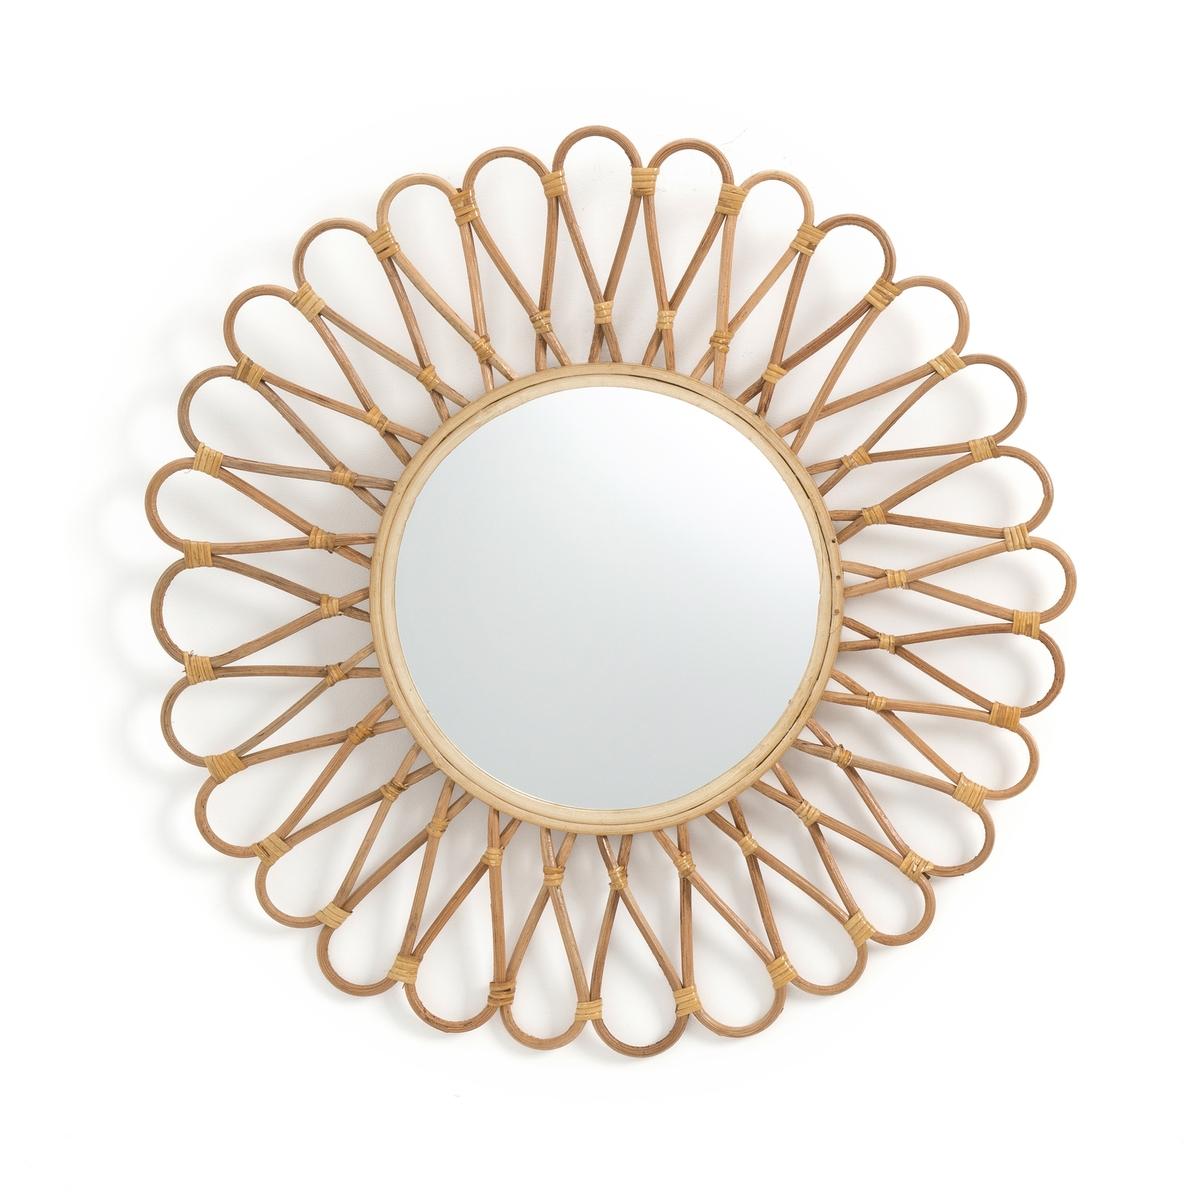 Зеркало La Redoute С ротангом и бамбуком в форме солнца см Nogu единый размер бежевый зеркало la redoute из ротанга в форме яблока nogu единый размер бежевый